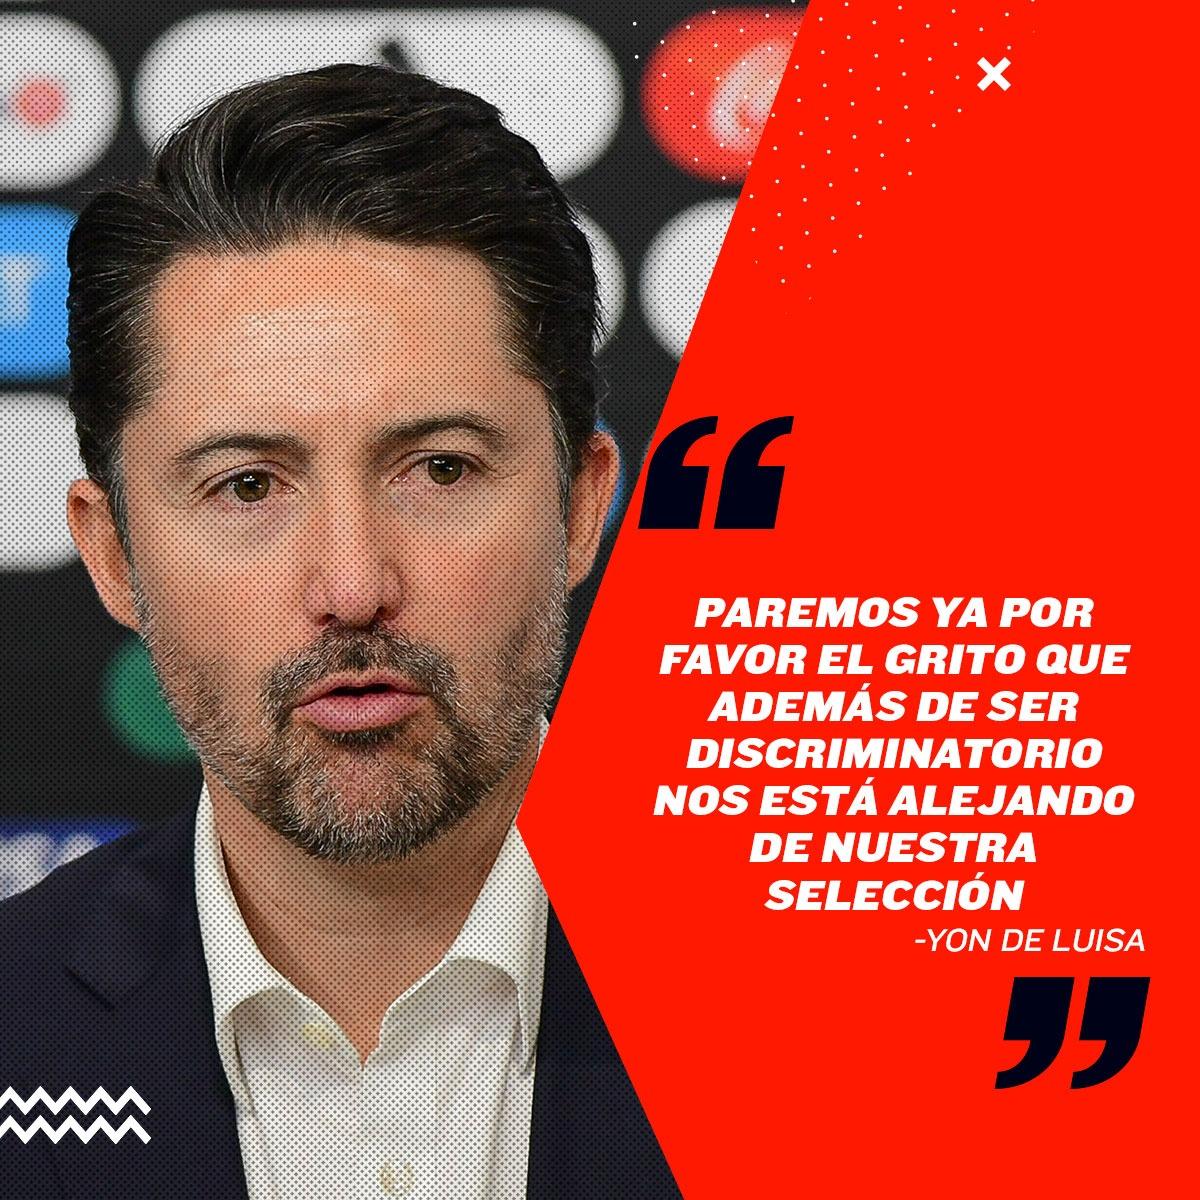 Yon de Luisa, presidente de la FMF sobre la sanción de FIFA